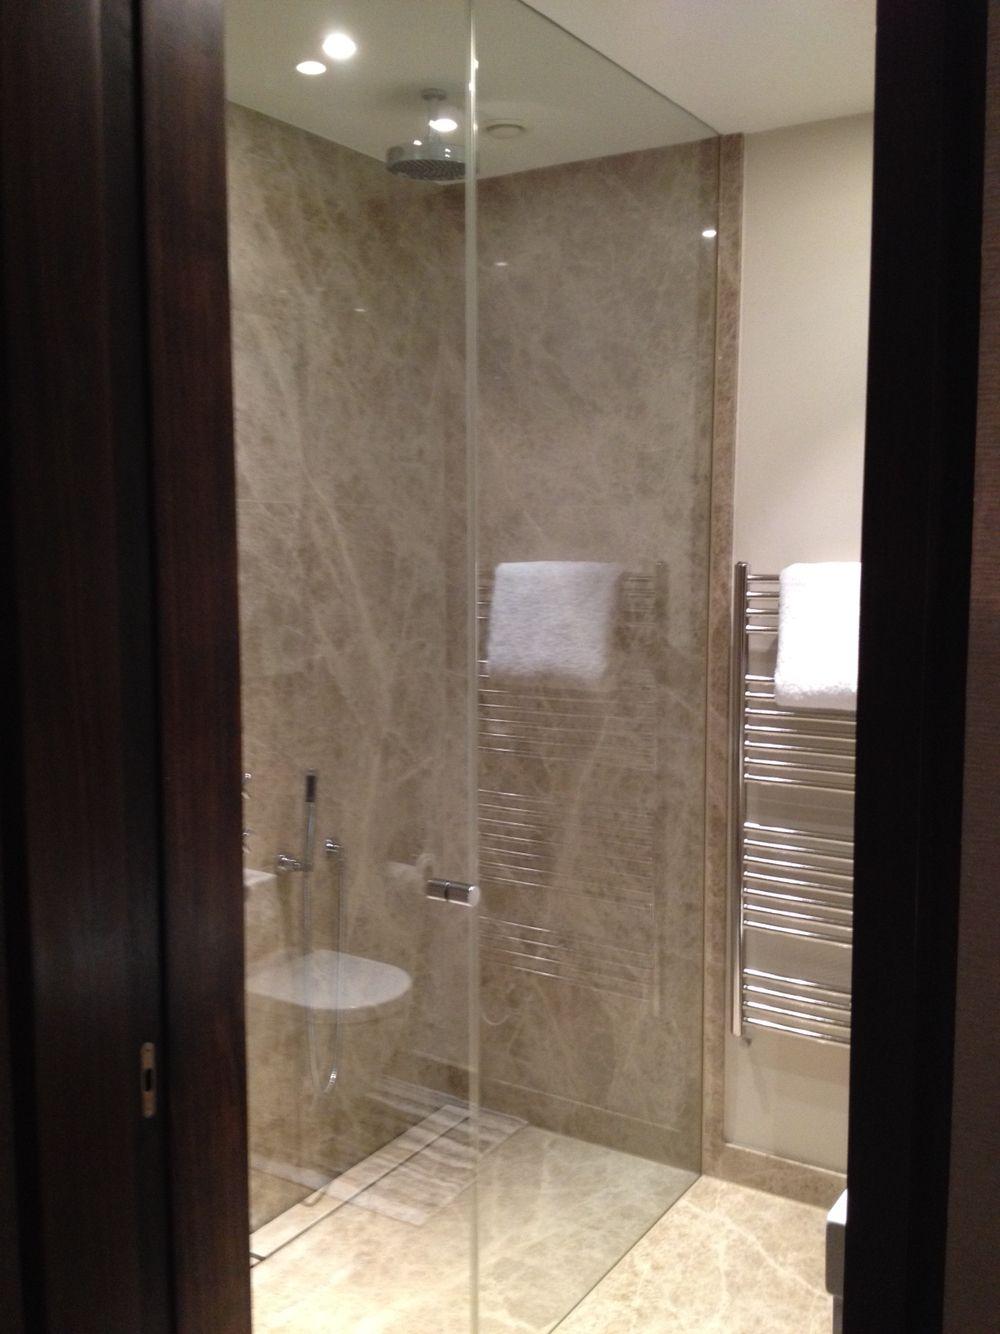 Floor To Ceiling Shower Screen Door Bathroom Layout